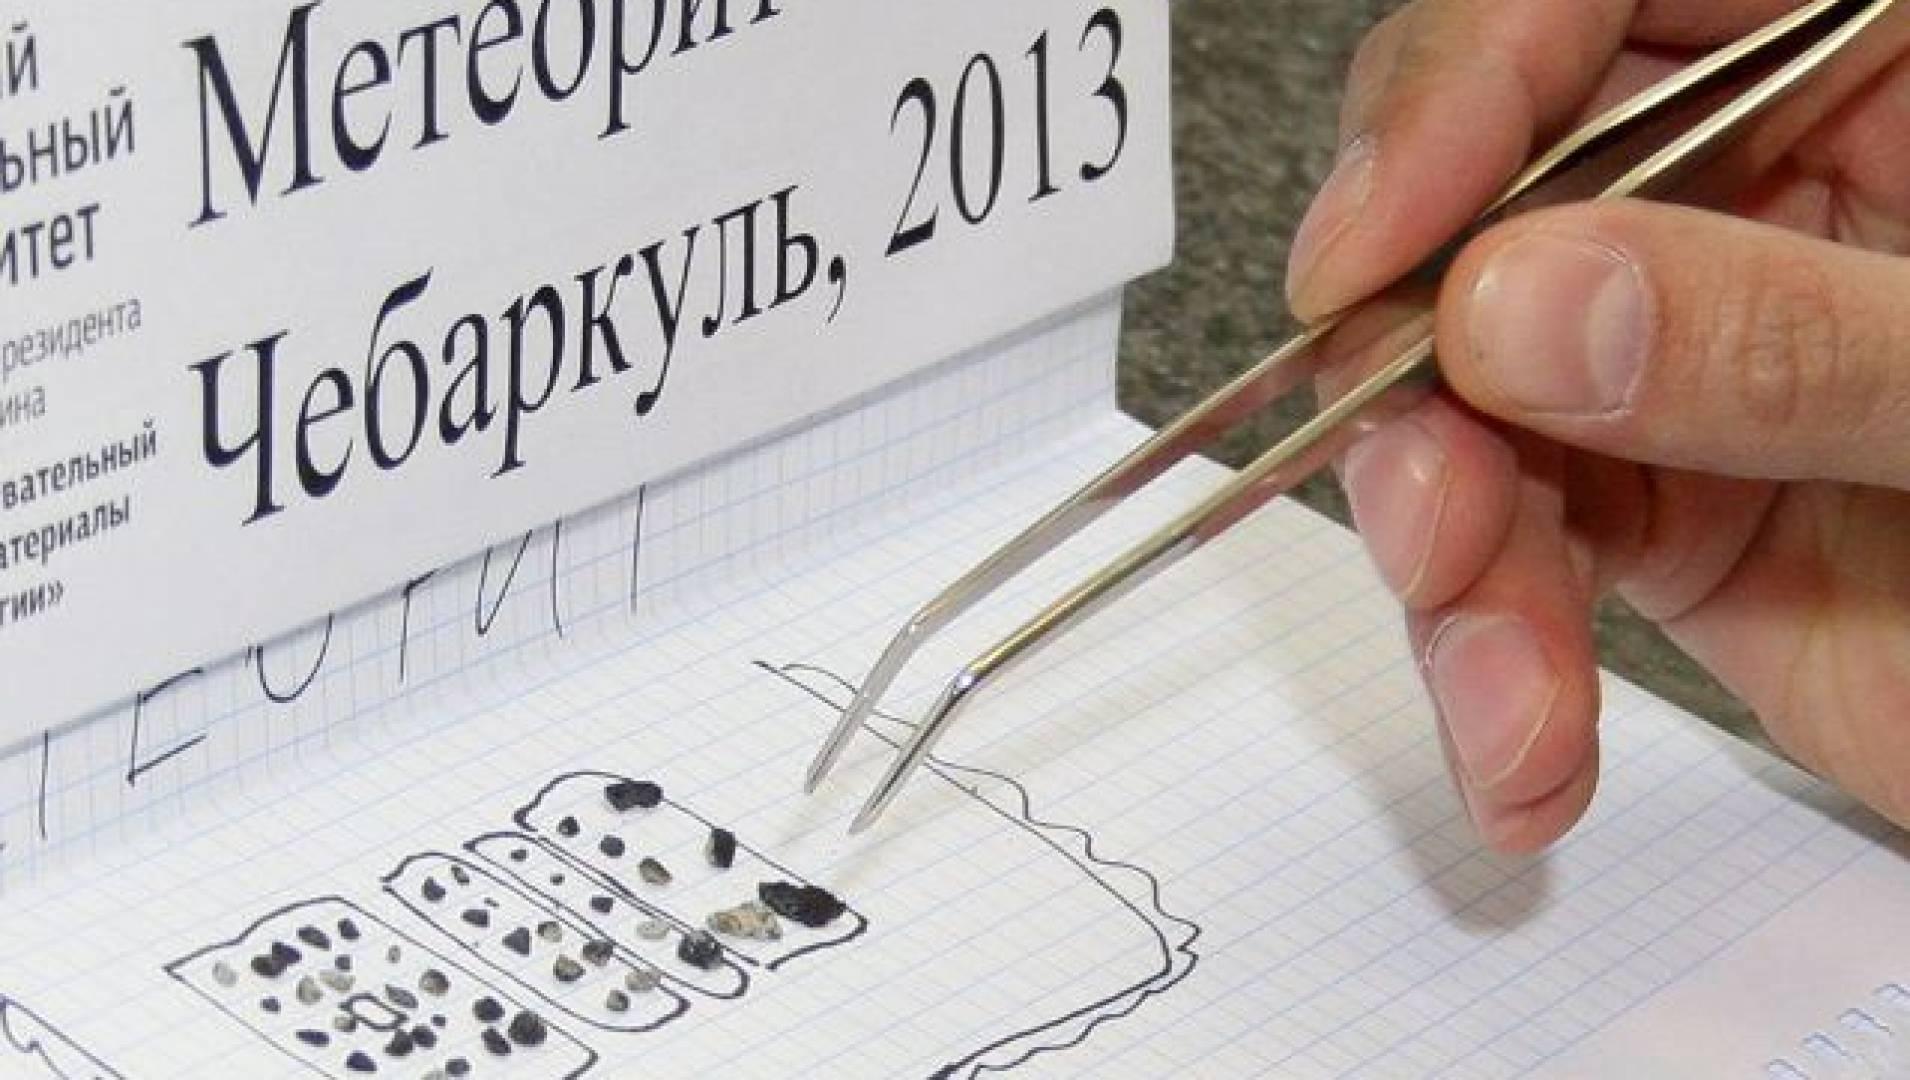 Чебаркульский метеорит. Месяц спустя - Документальный фильм